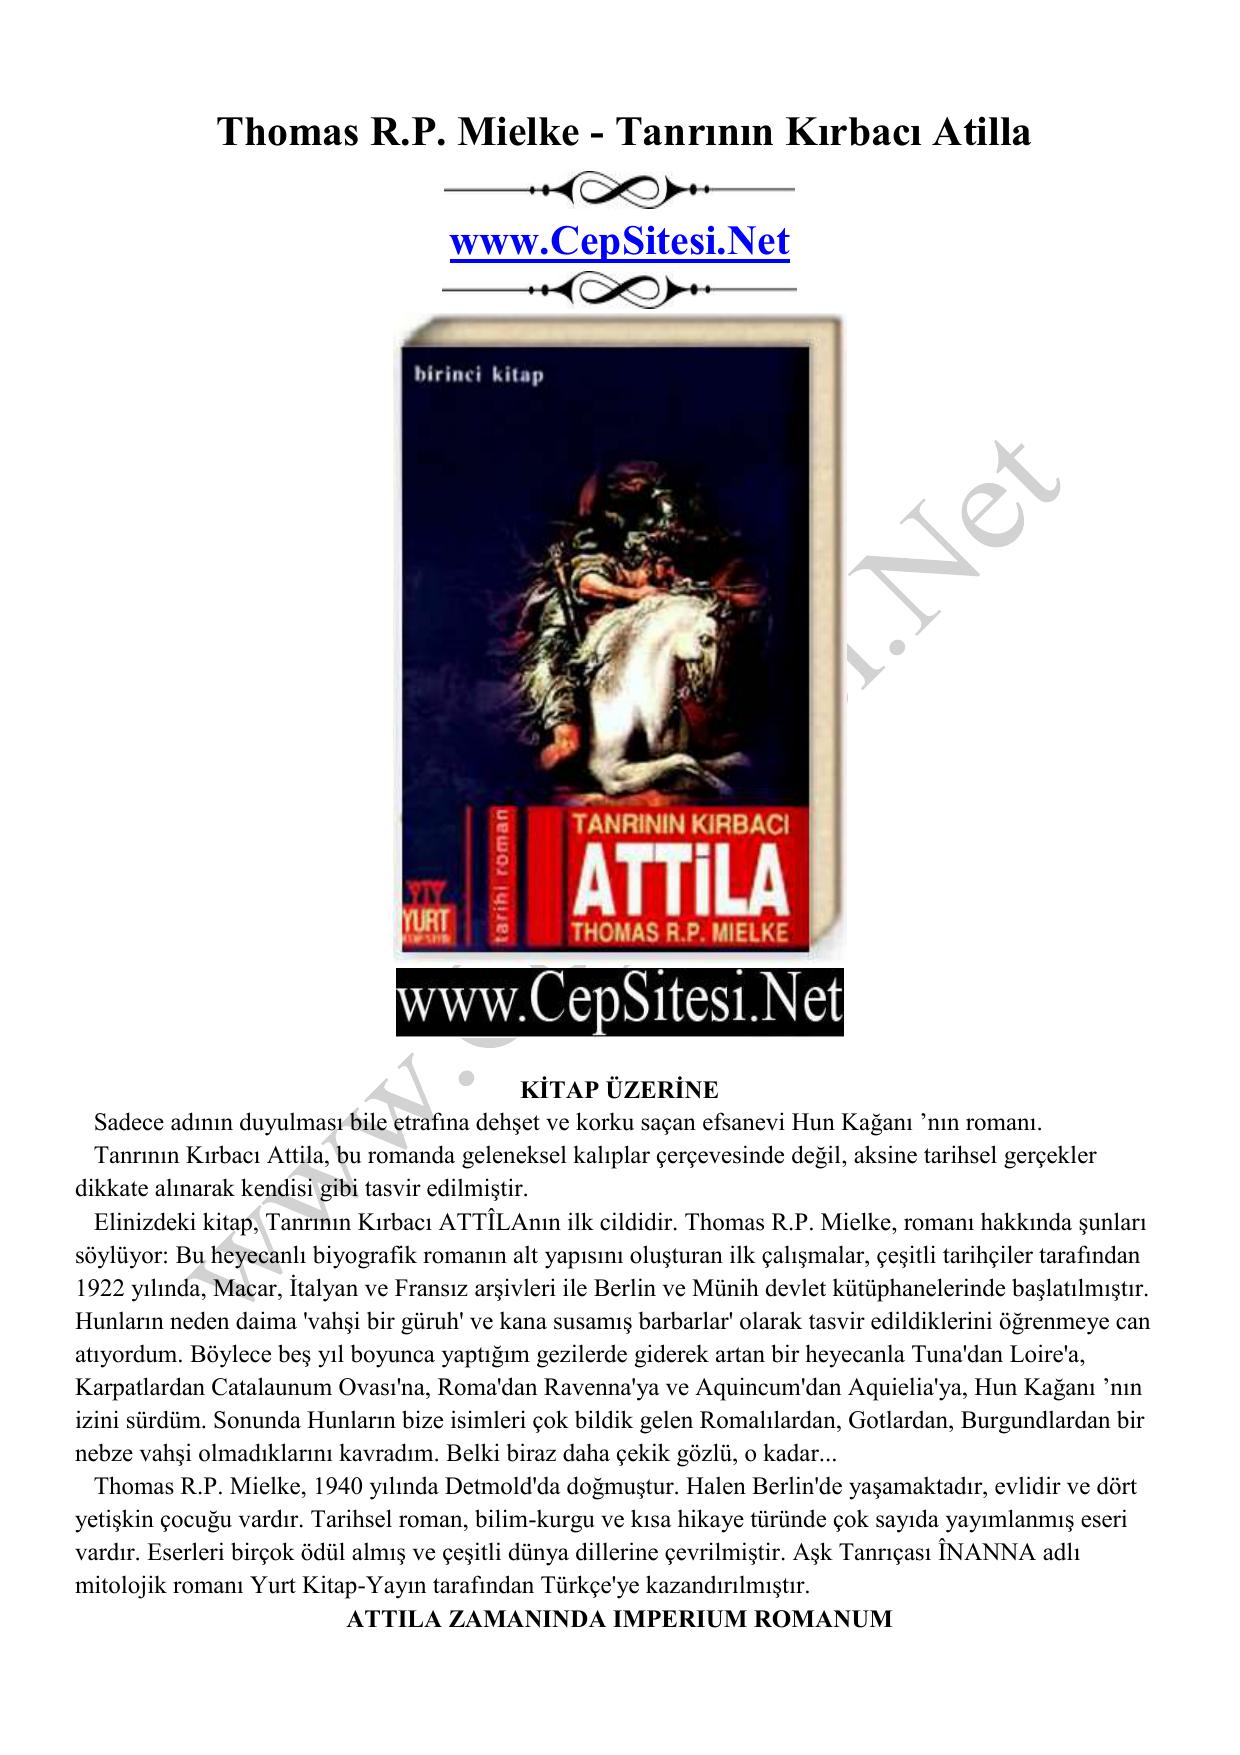 Victor Bondarev: büyük pilotların ve komutanların biyografisi 95